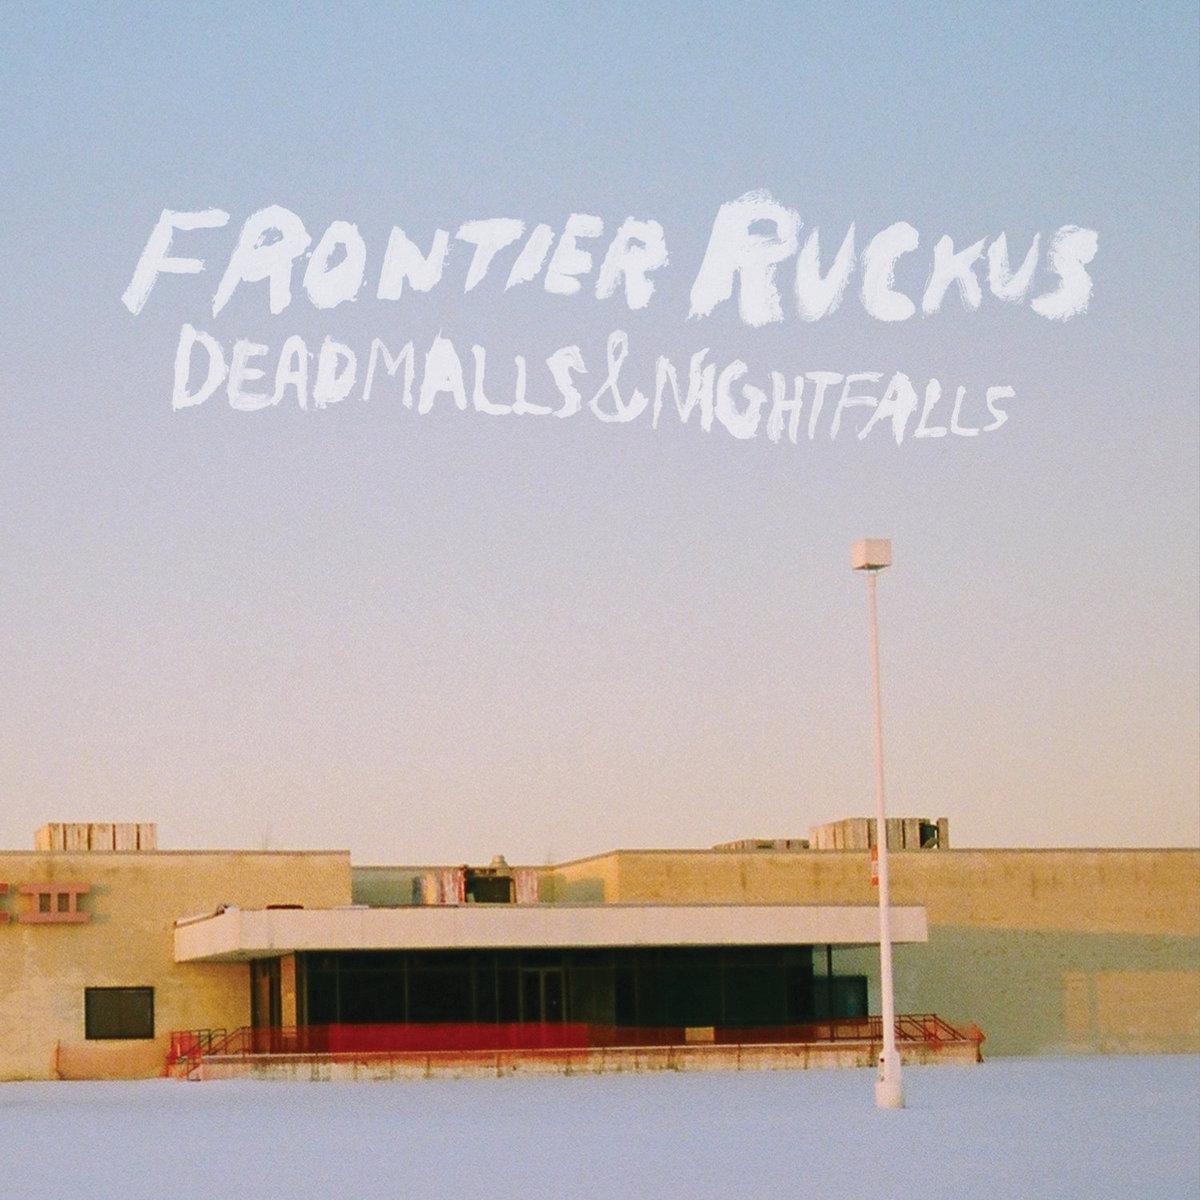 Frontier Ruckus - Sitcom Afterlife